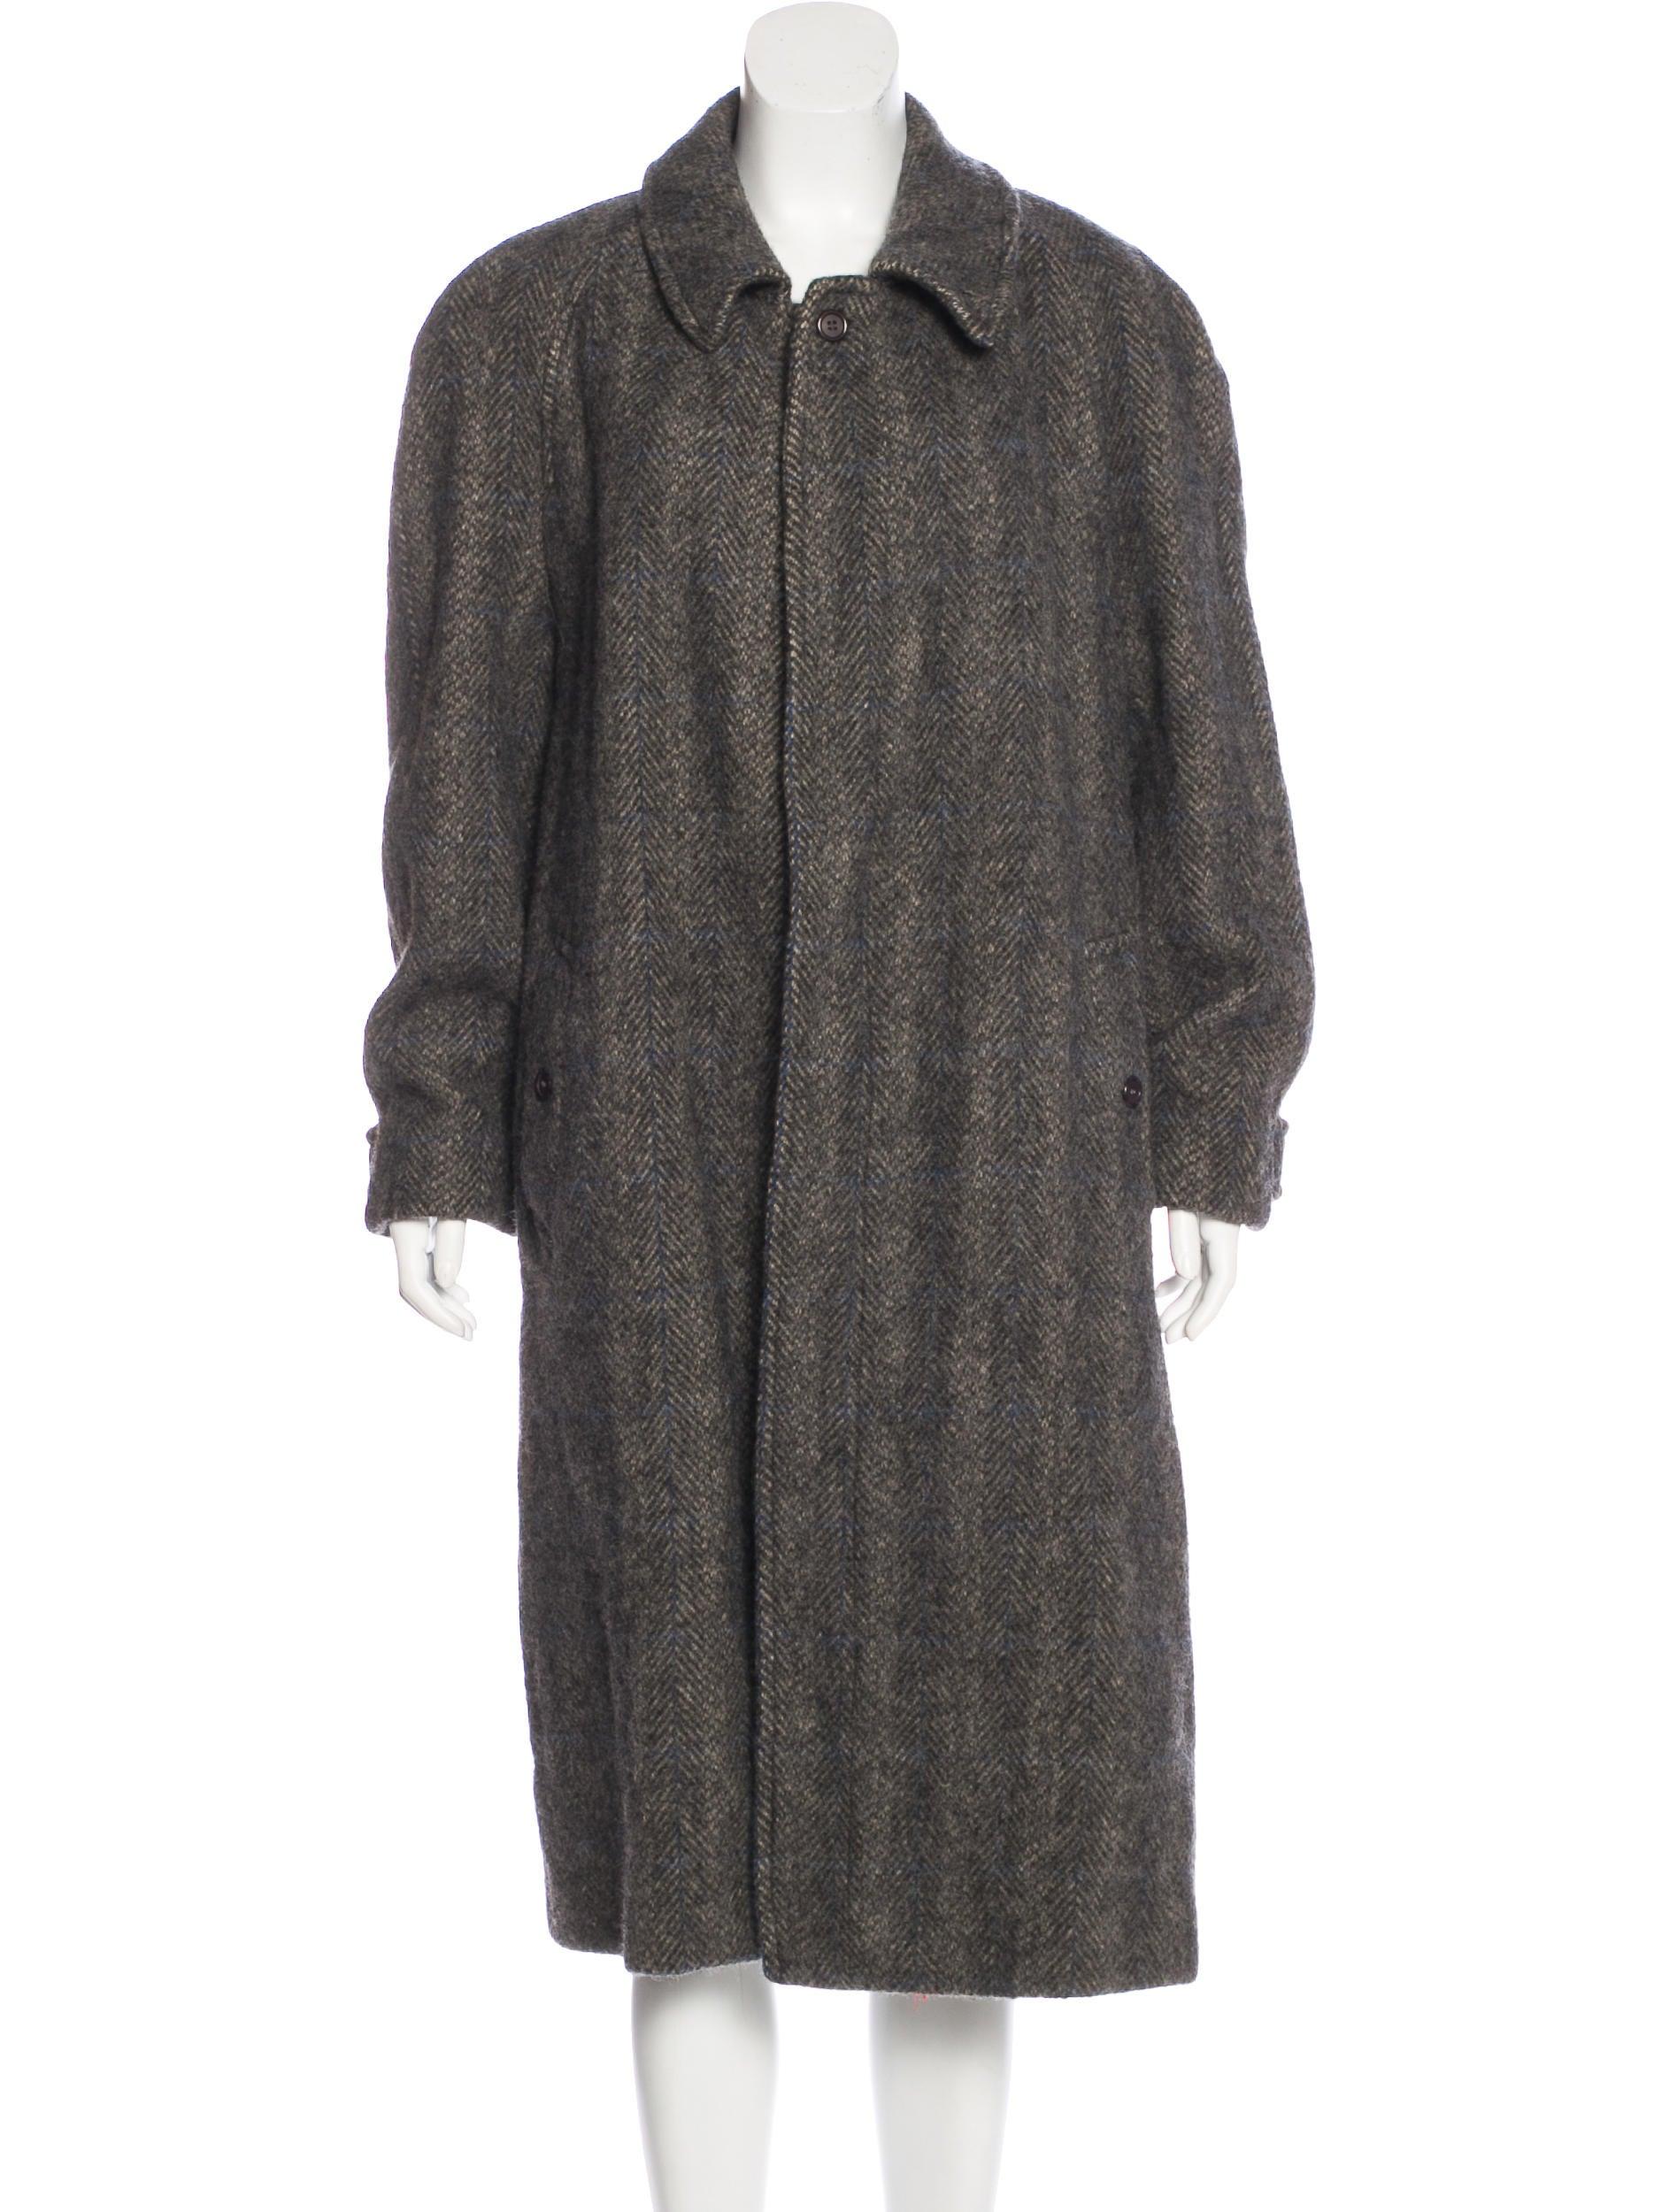 Vintage Wool Coat 15